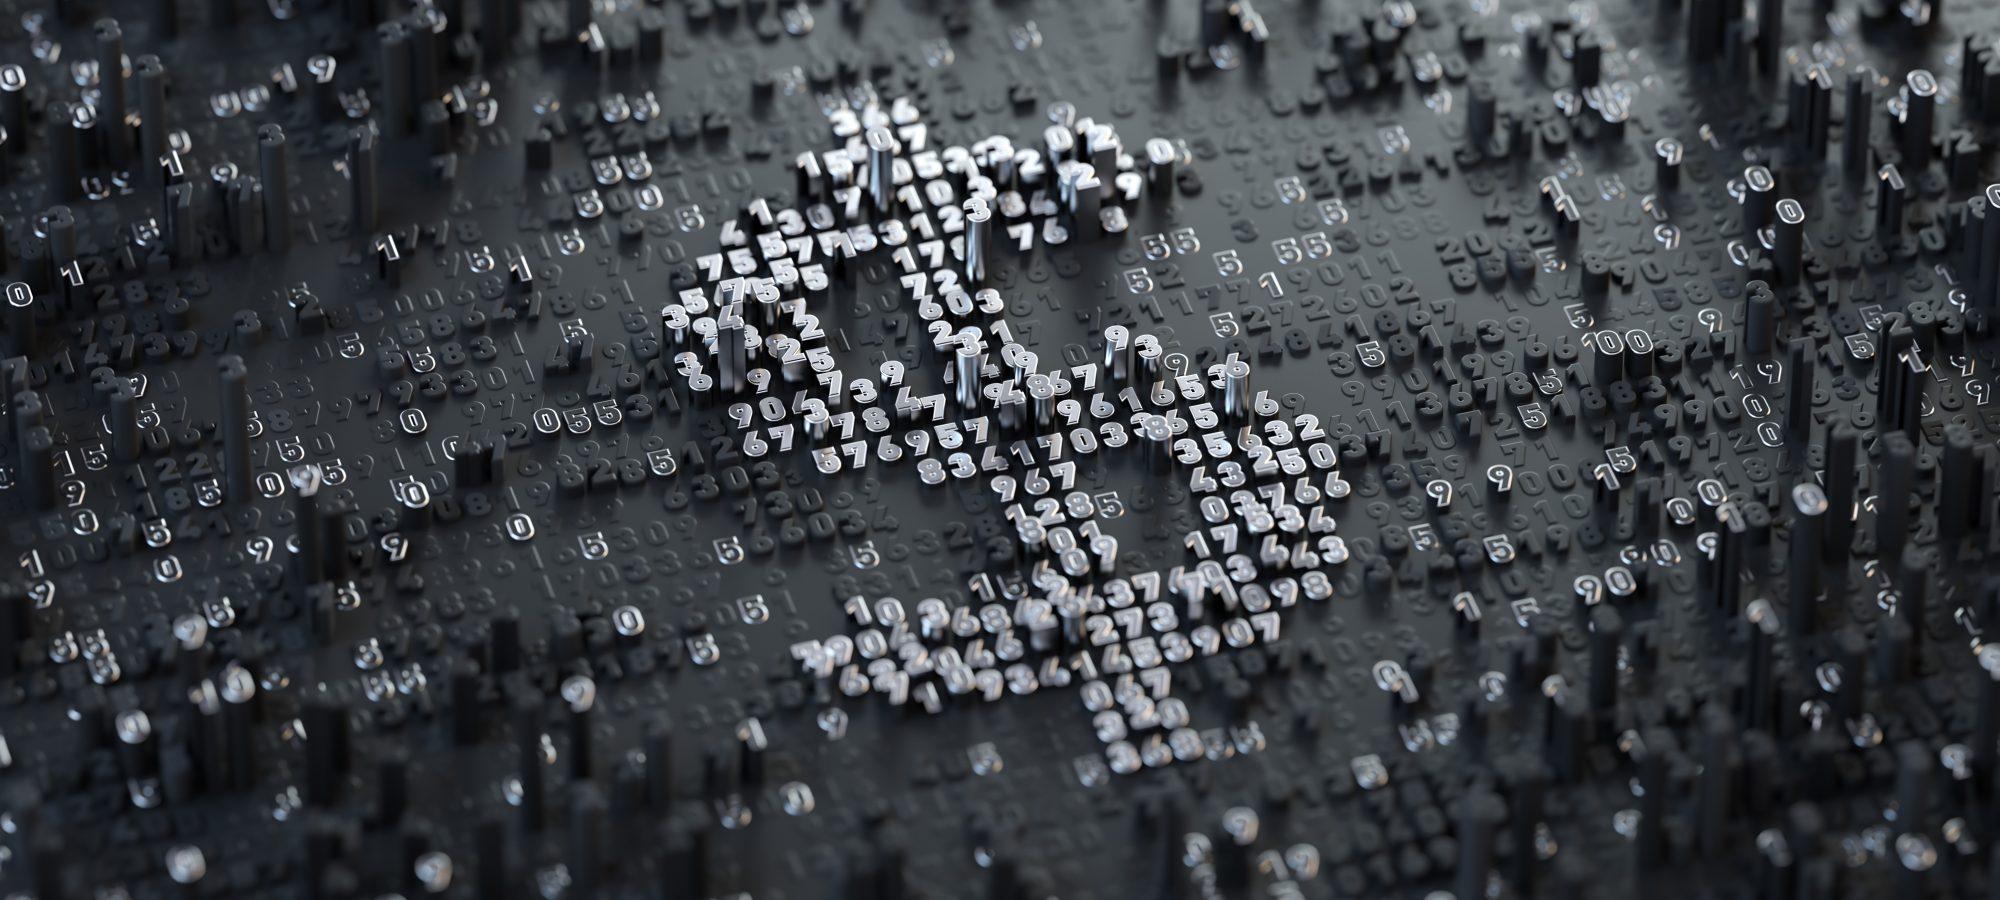 """""""Προγραμματιζόμενο ψηφιακό νόμισμα"""": Το επόμενο στάδιο της νέας κανονικότητας;"""